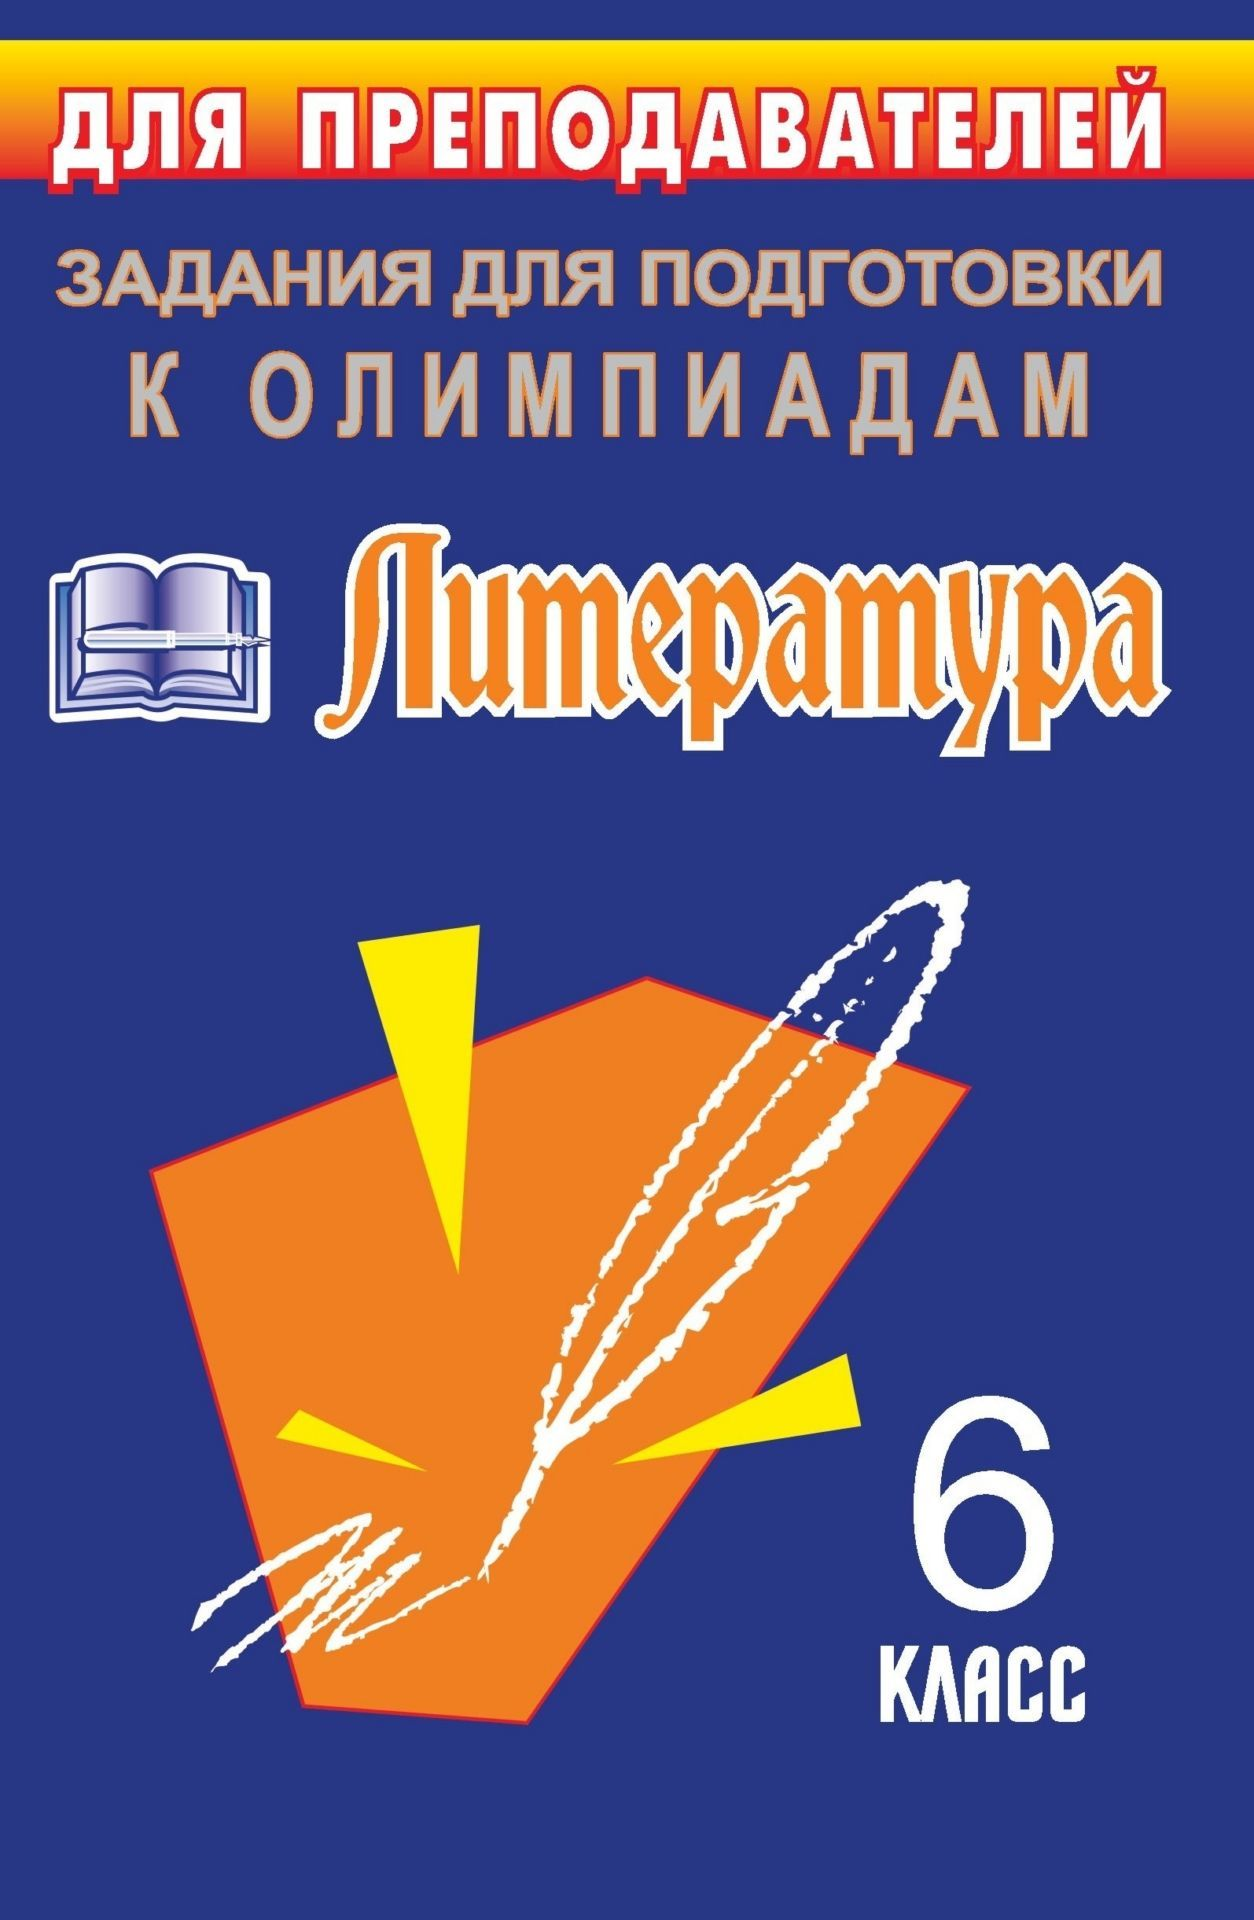 Олимпиадные задания по литературе. 6 классПредметы<br>Пособие содержит задания, сформулированные по типу олимпиадных, рассчитанные на учащихся 6 классов. В четырех разделах учитель сможет найти задания, составленные с учетом ведущих базовых комплектов, а также основных видов деятельности учащихся, той програ...<br><br>Авторы: Финтисова О. А.<br>Год: 2006<br>Серия: Для преподавателей<br>ISBN: 5-7057-0795-9<br>Высота: 213<br>Ширина: 138<br>Толщина: 6